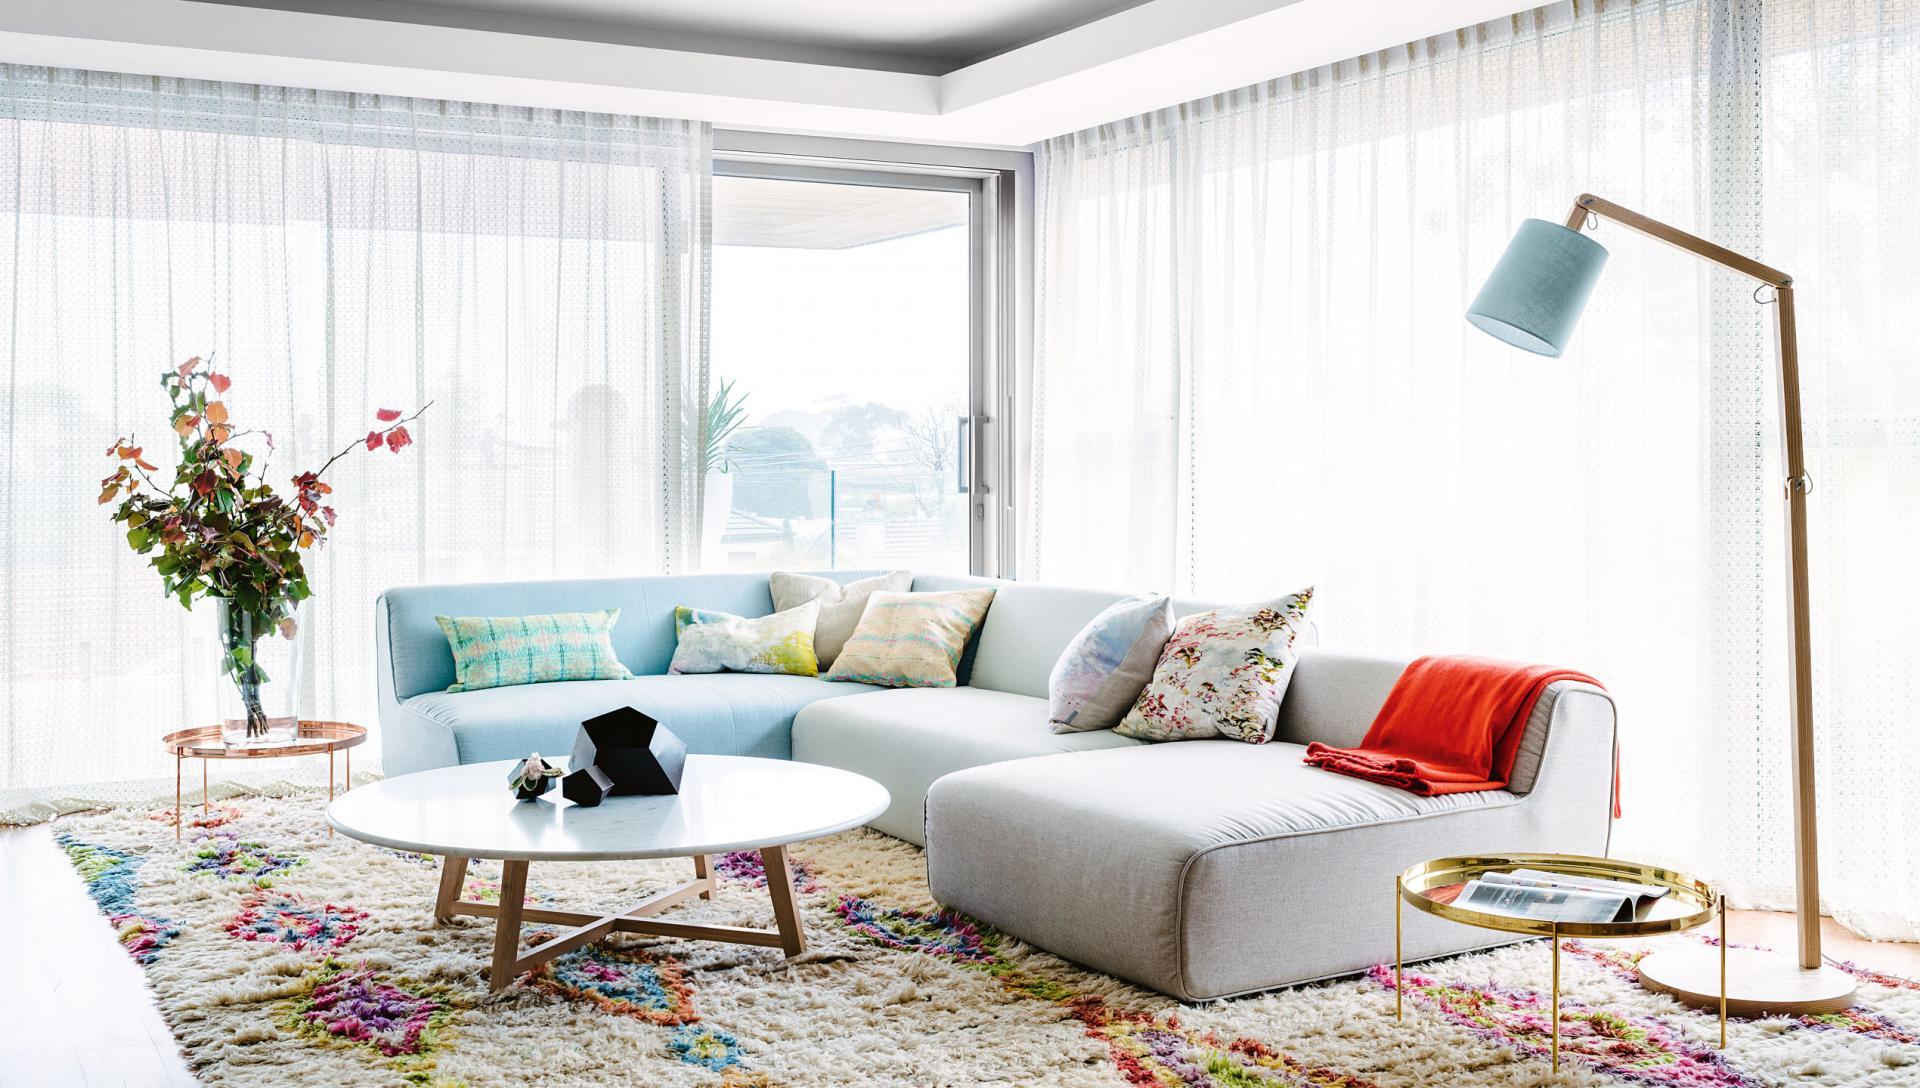 ست رنگ های شاد و هیجان انگیز در دکوراسیون خانه